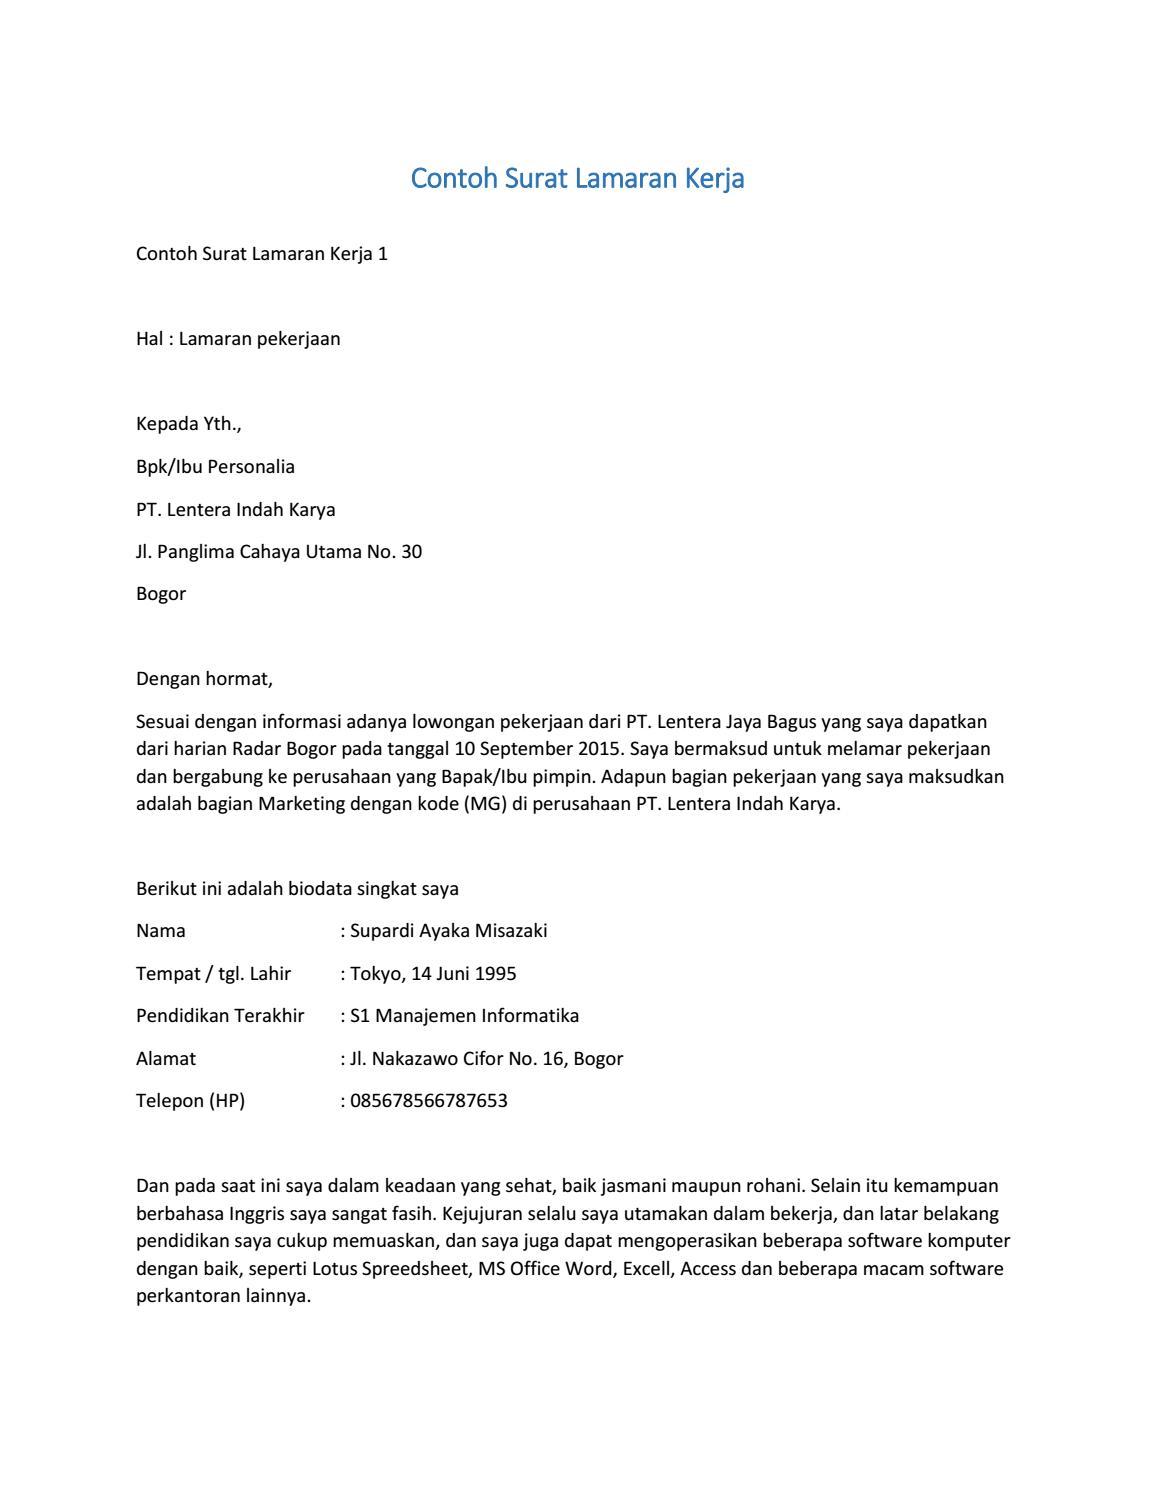 contoh surat lamaran kerja yang memikat perusahaan contoh ...